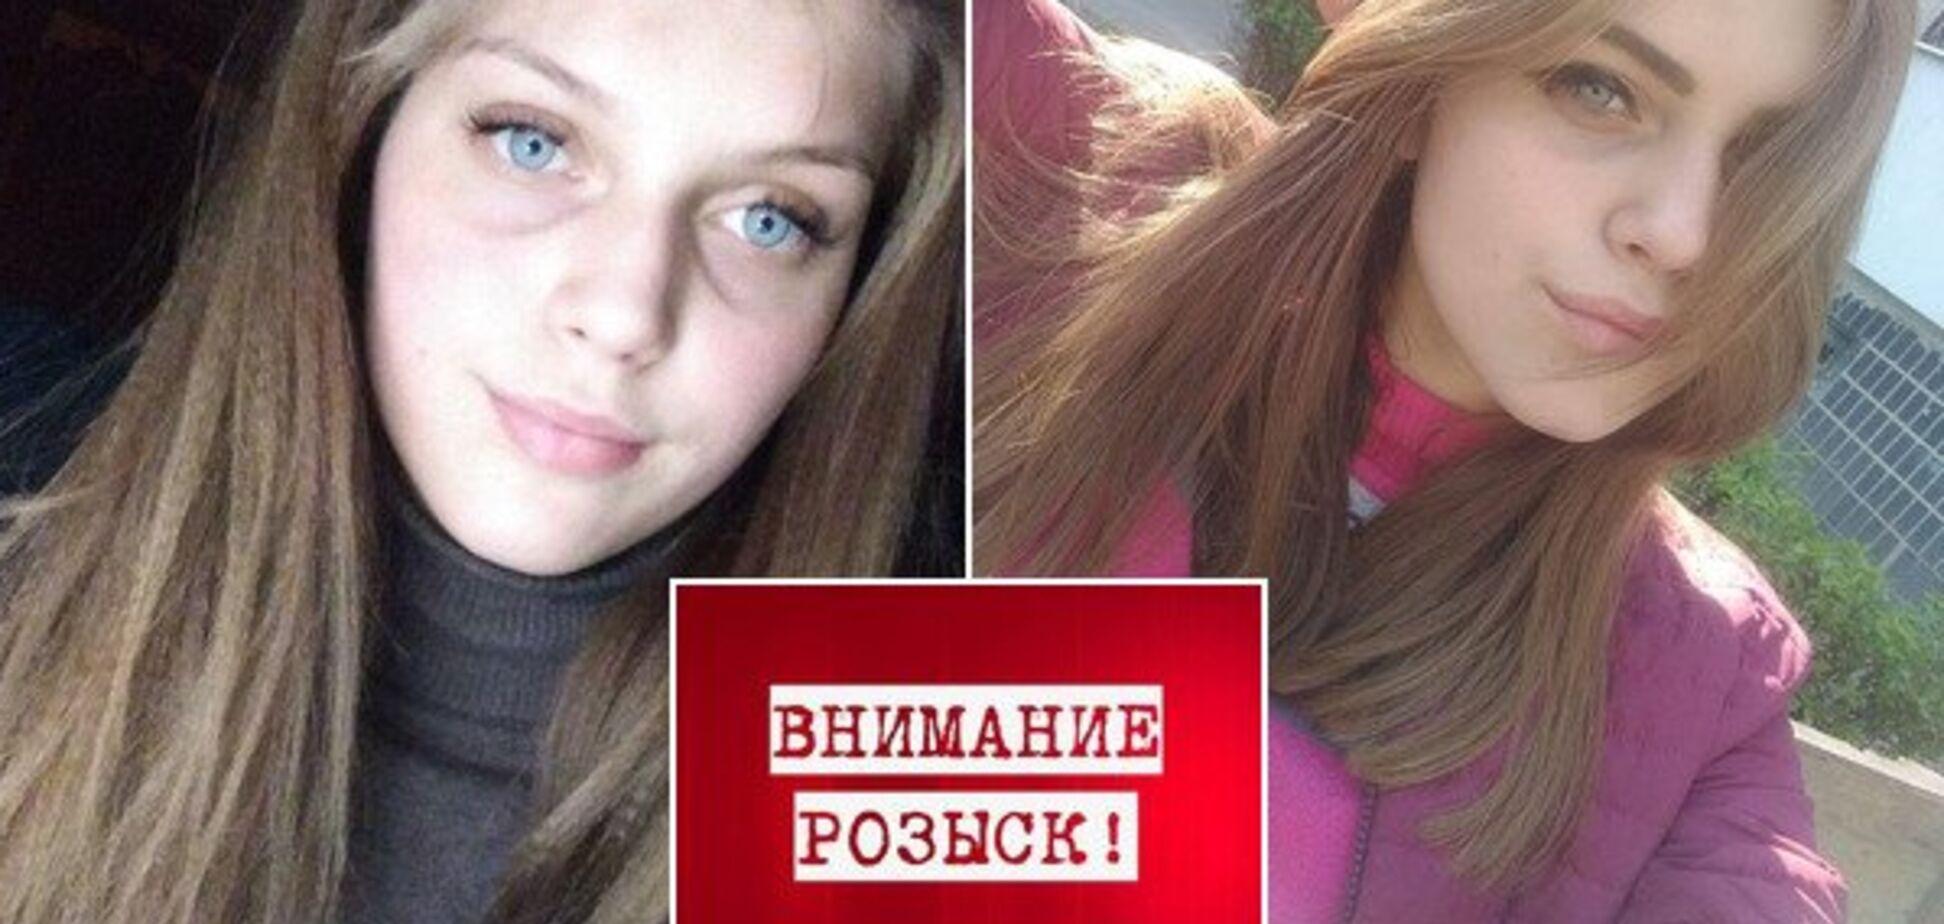 Вышла в магазин и пропала: в Днепре разыскивают 16-летнюю девушку